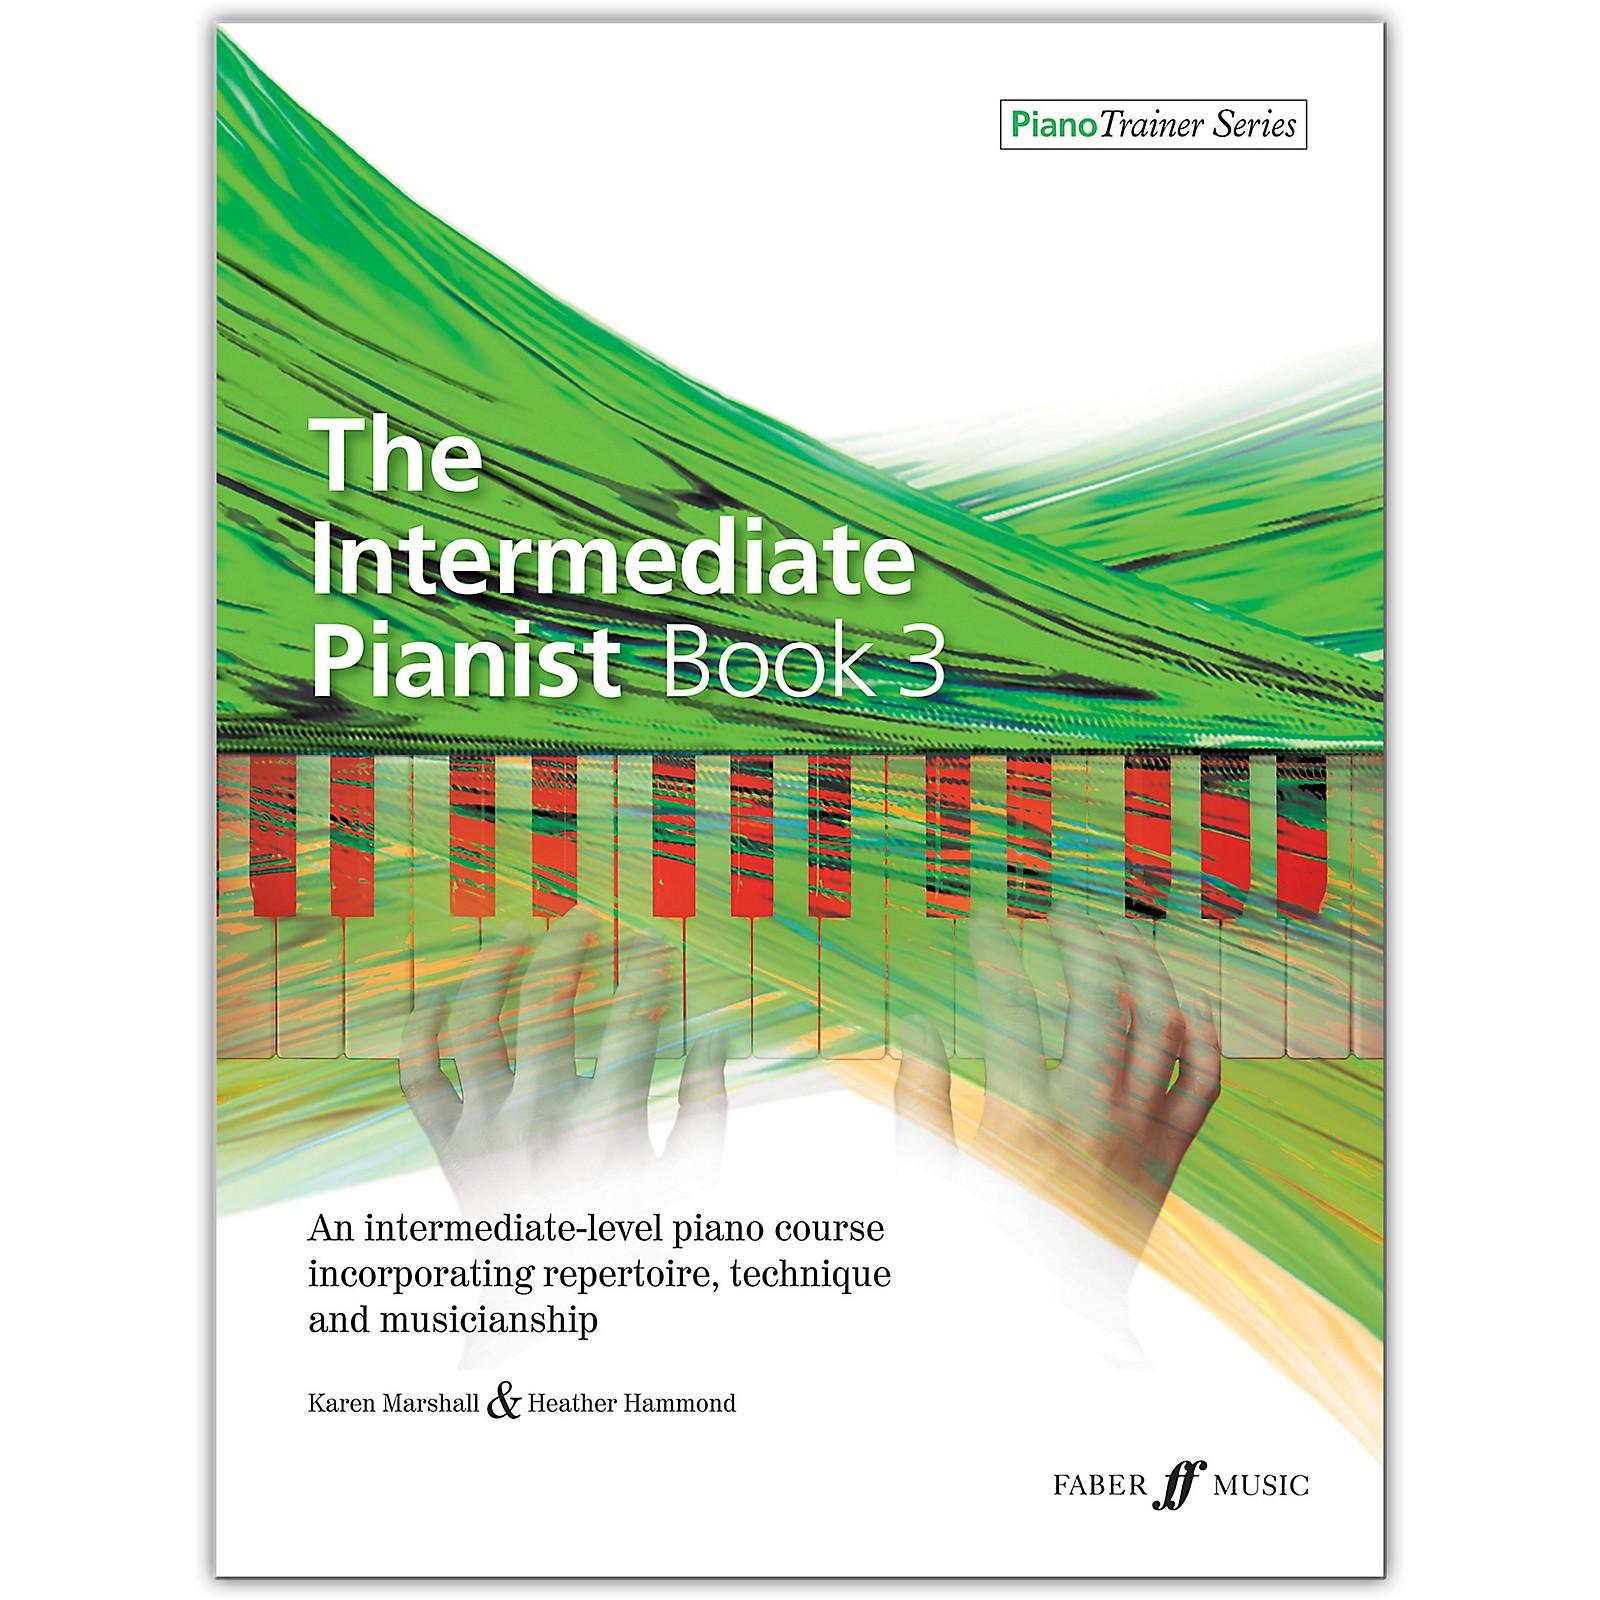 Faber Music LTD The Intermediate Pianist, Book 3